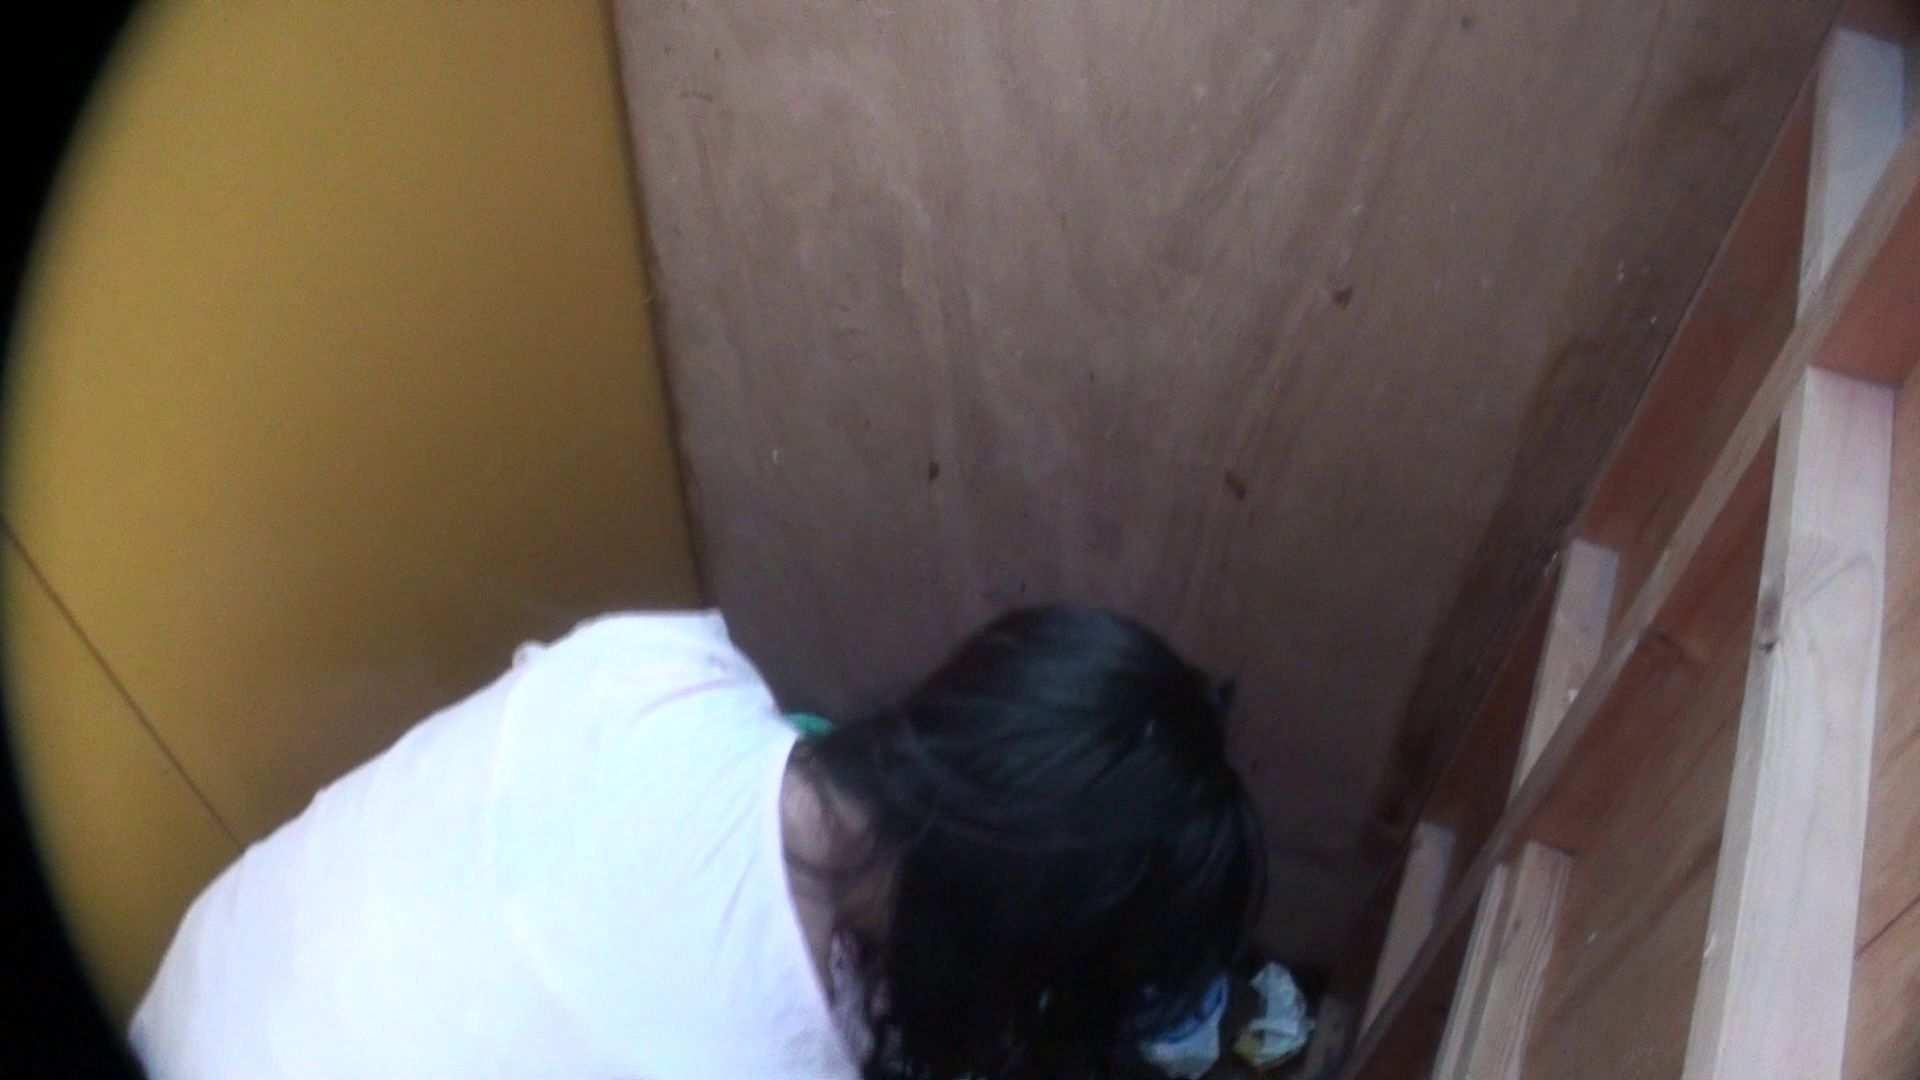 シャワールームは超!!危険な香りVol.13 ムッチムチのいやらしい身体つき シャワー  111pic 108